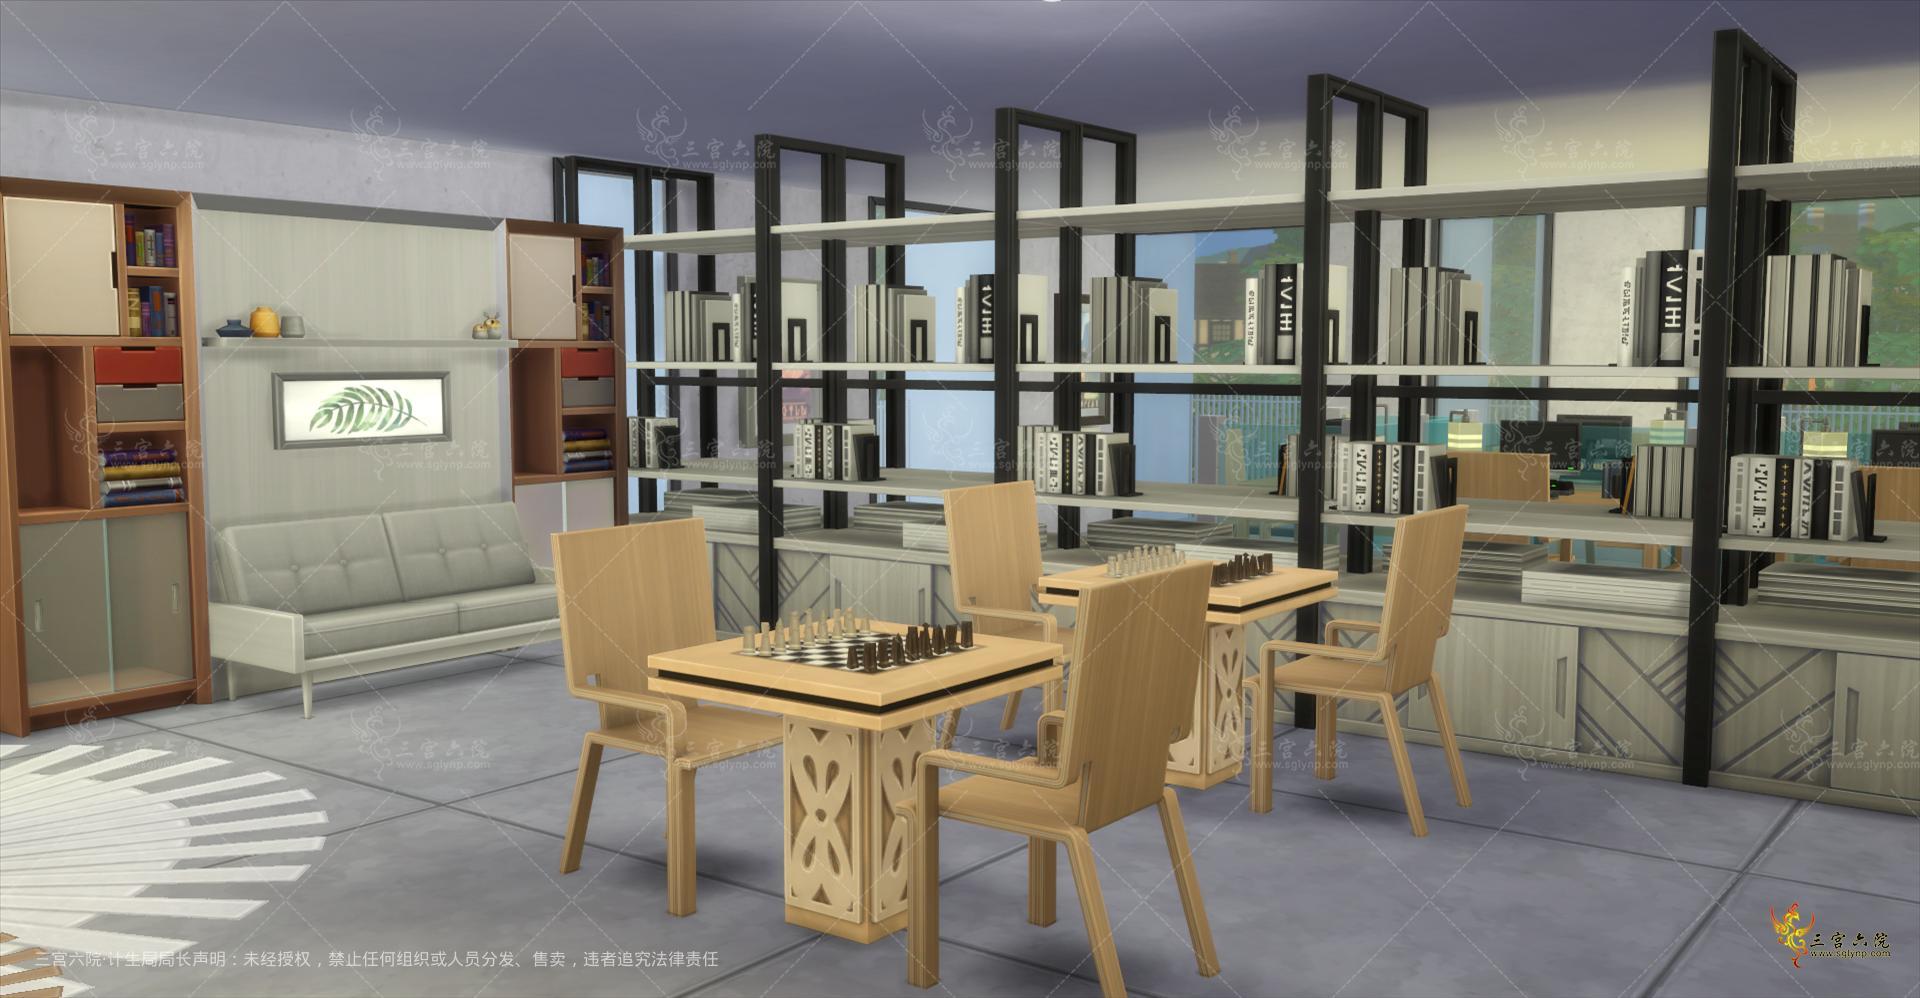 Sims 4 Screenshot 2021.09.19 - 14.02.52.20.png